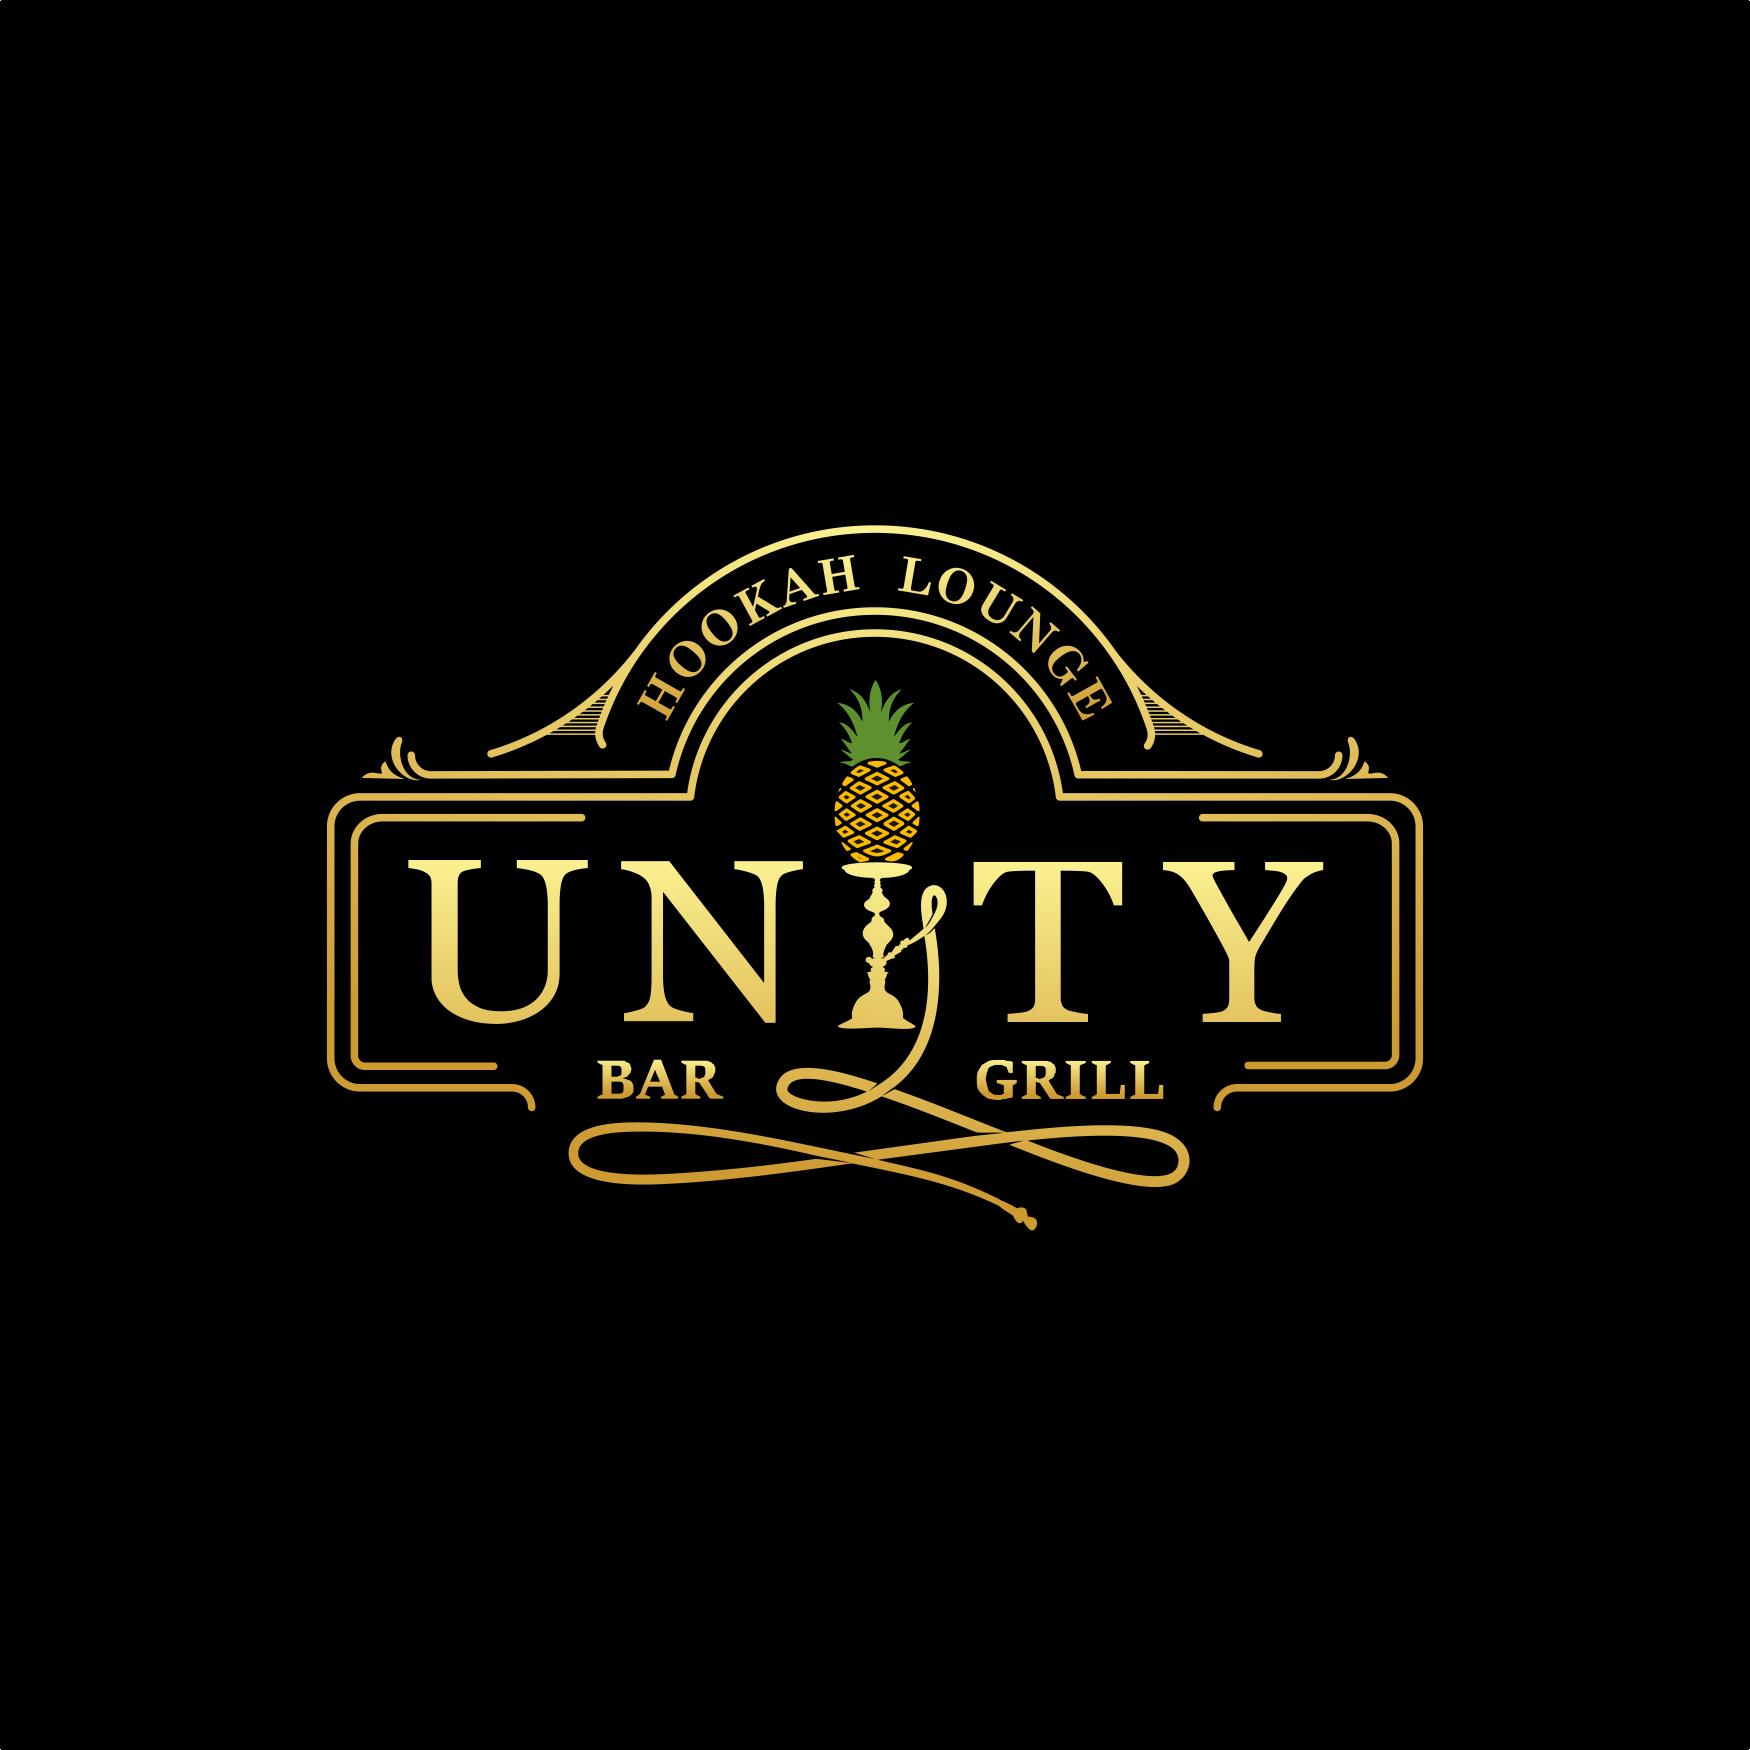 UNITY LOUNGE, CLEARWATER FL BEER WINE HOOKAH